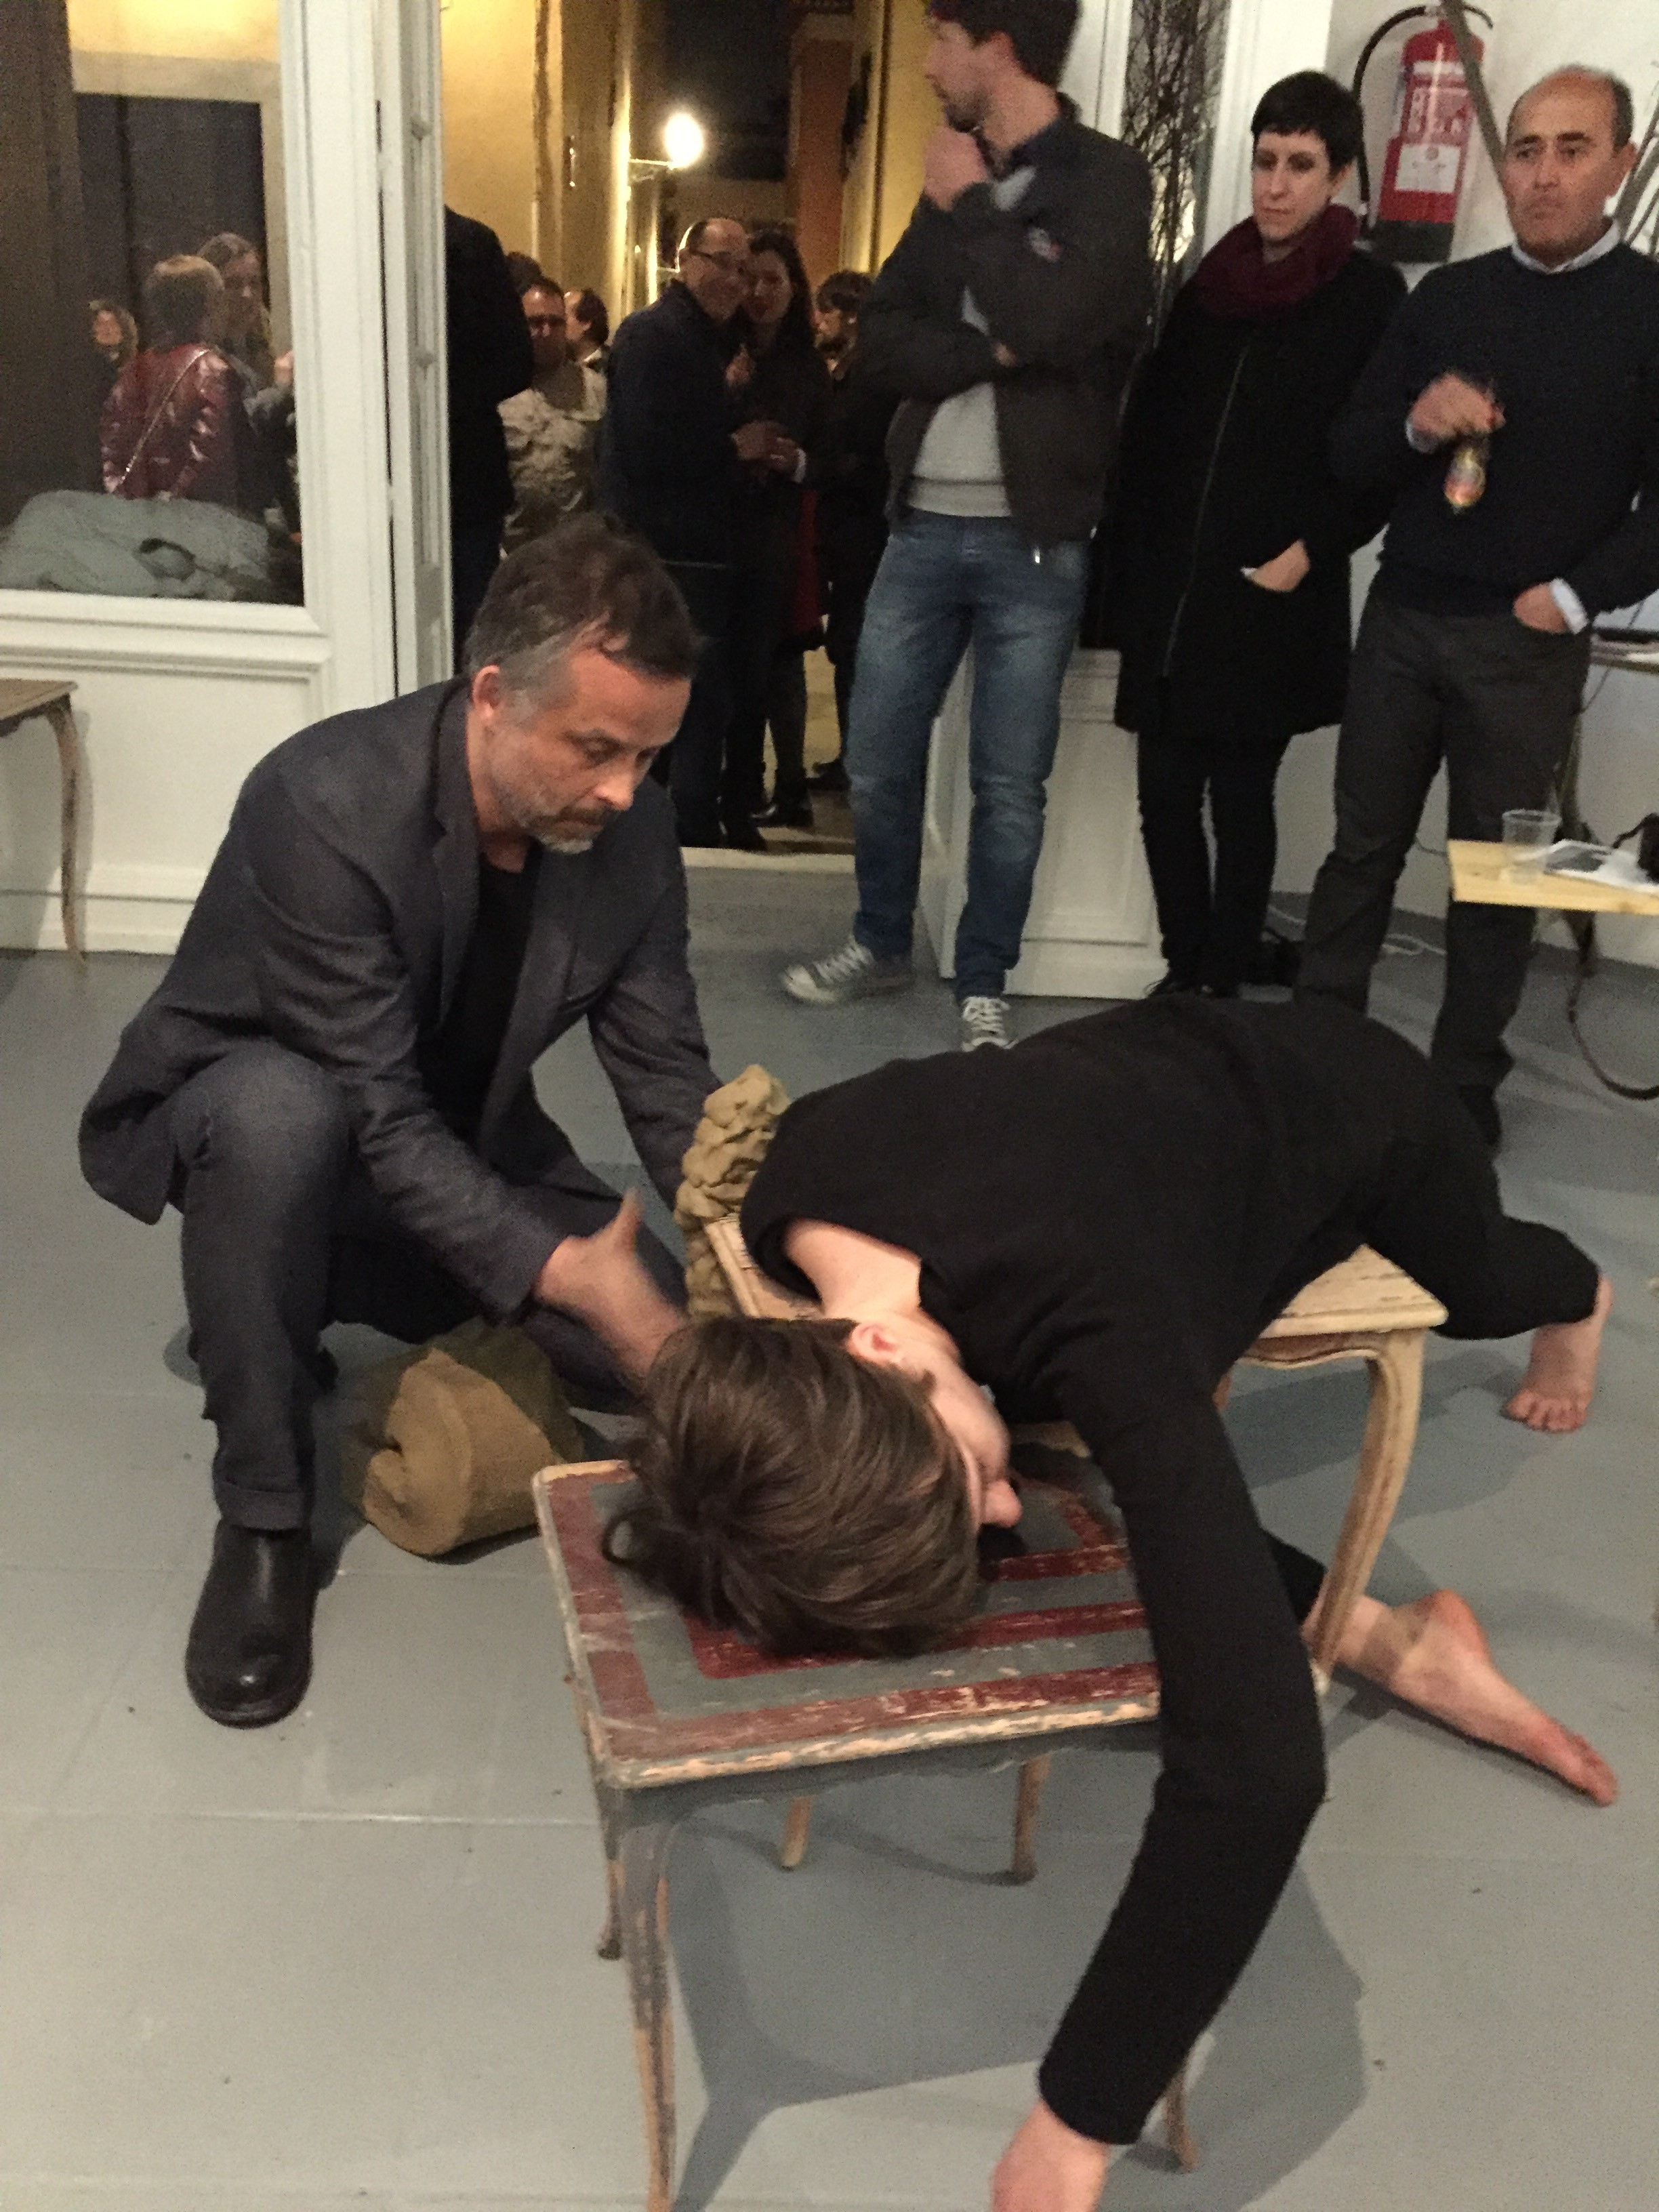 Empieza la escultura viva. Instalación con mesas, barro y persona.